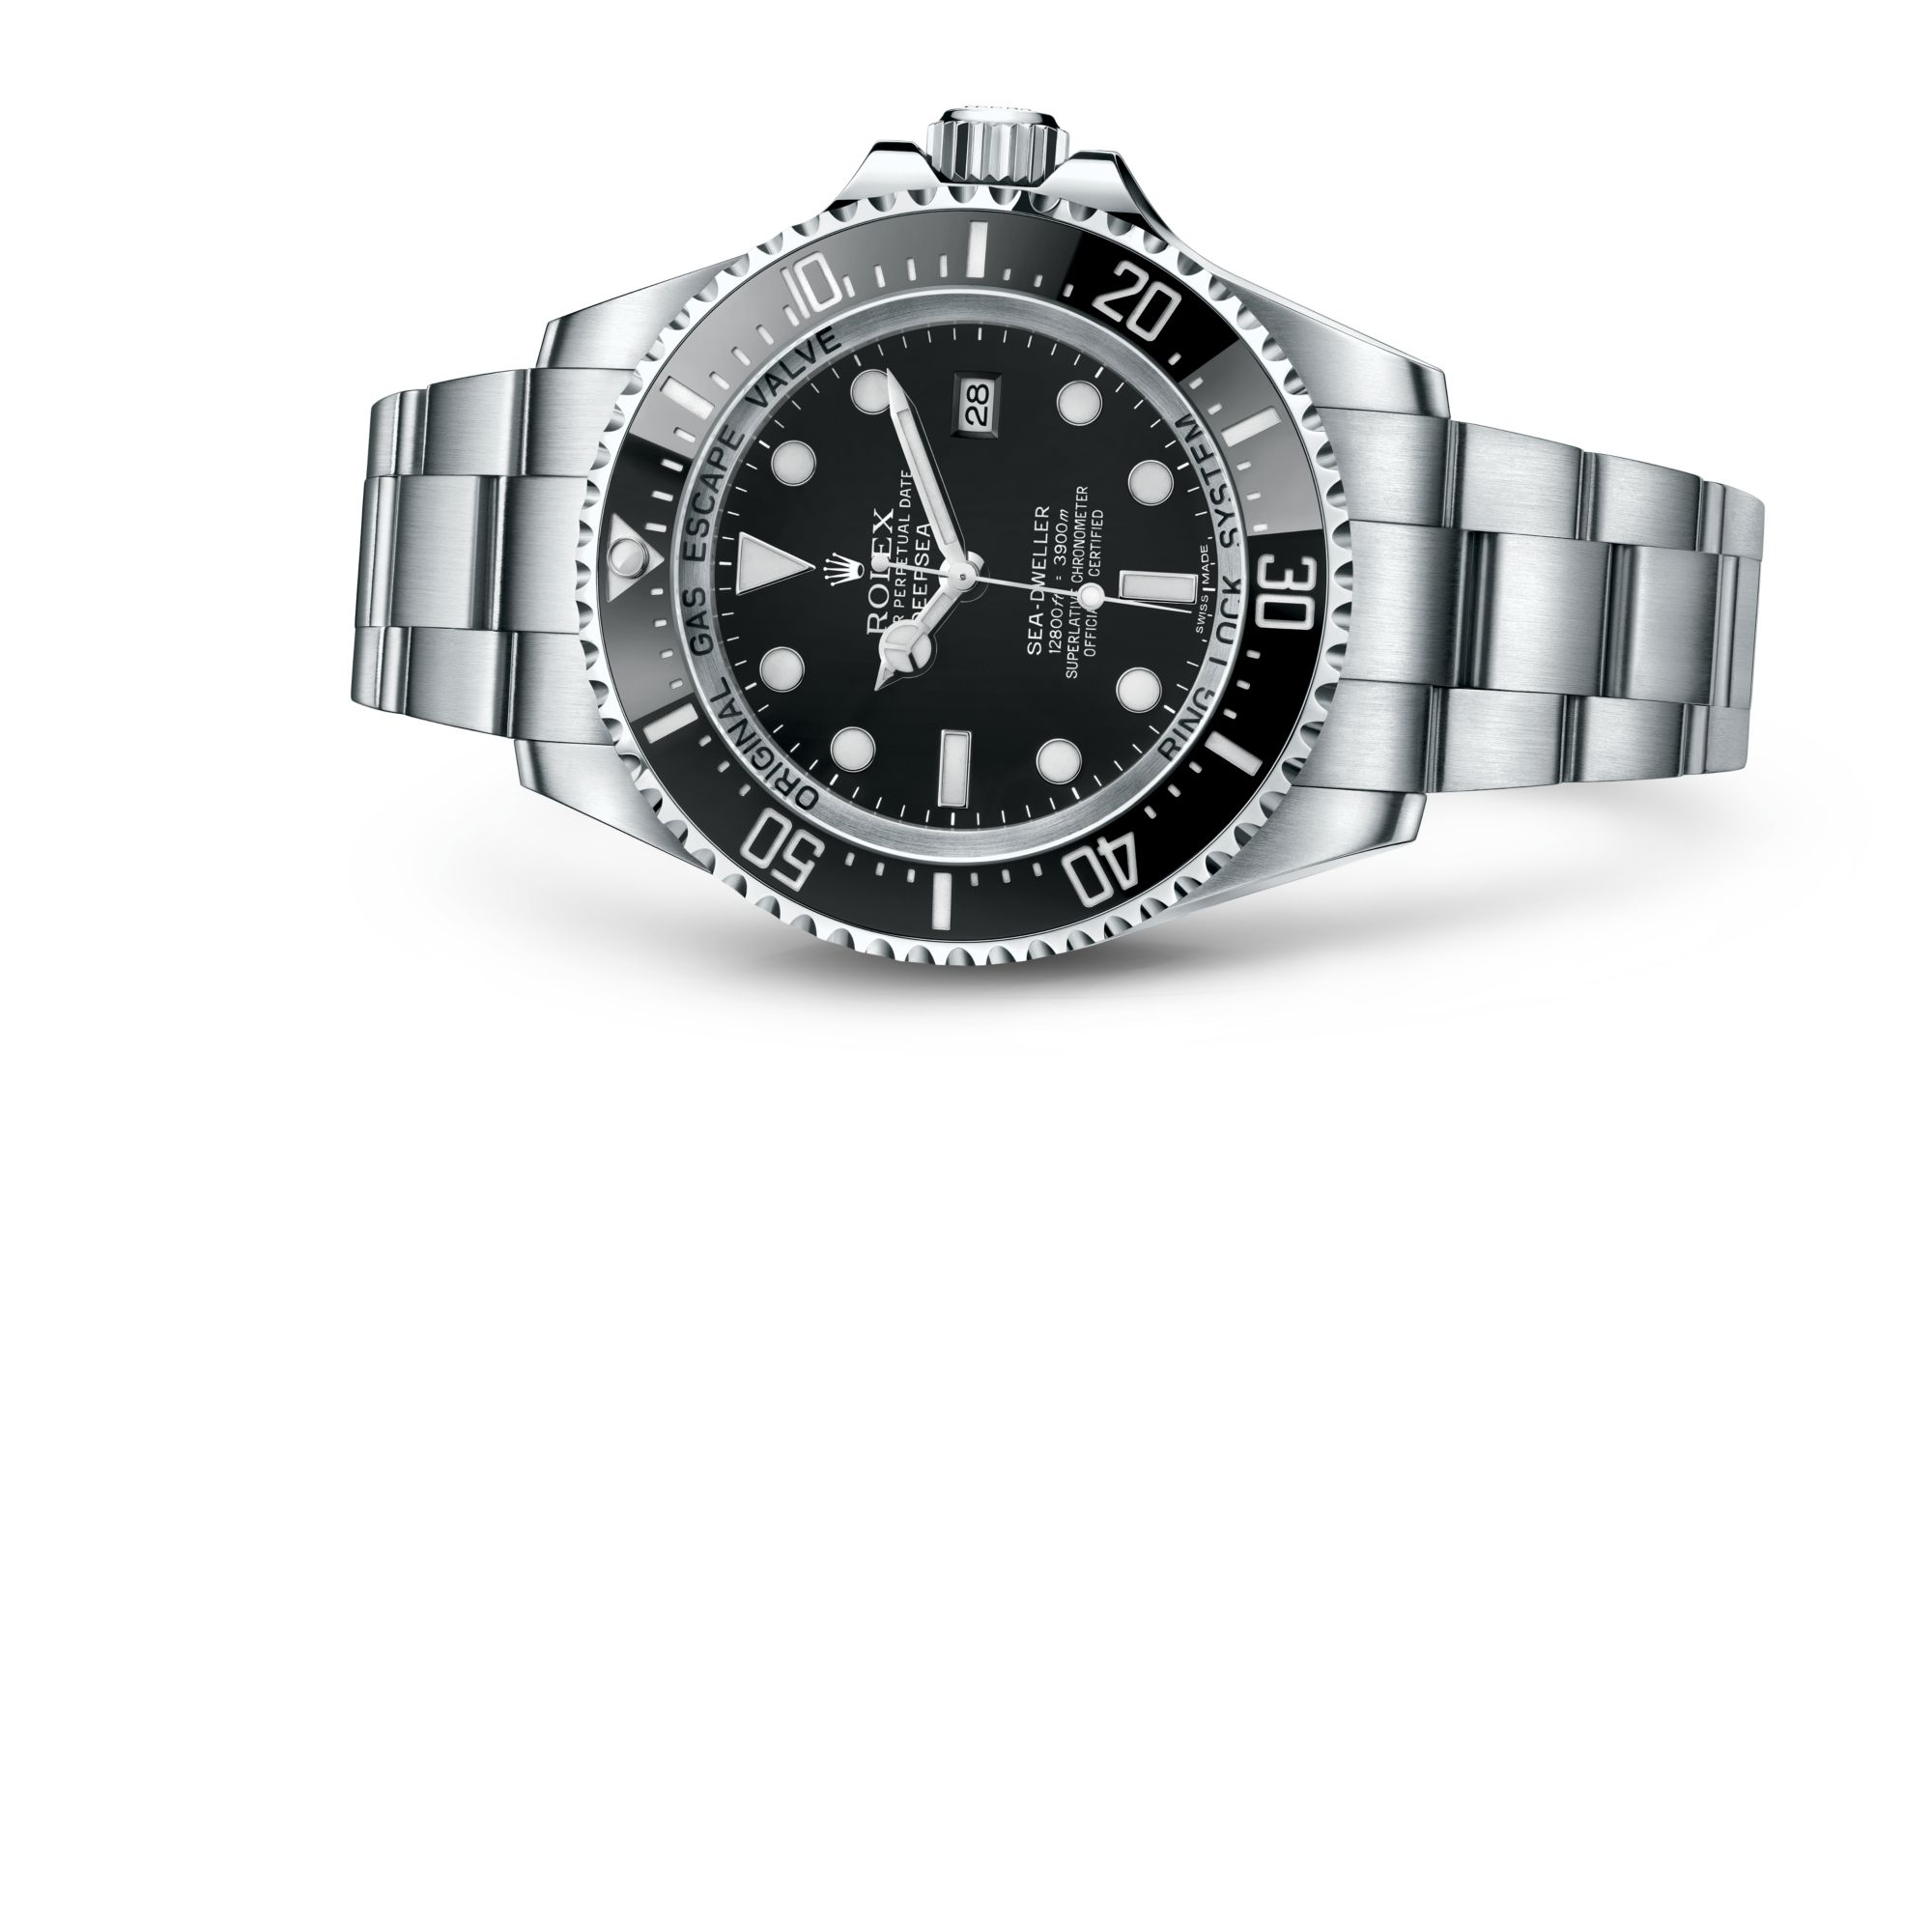 Rolex رولكس ديب سي M116660-0001